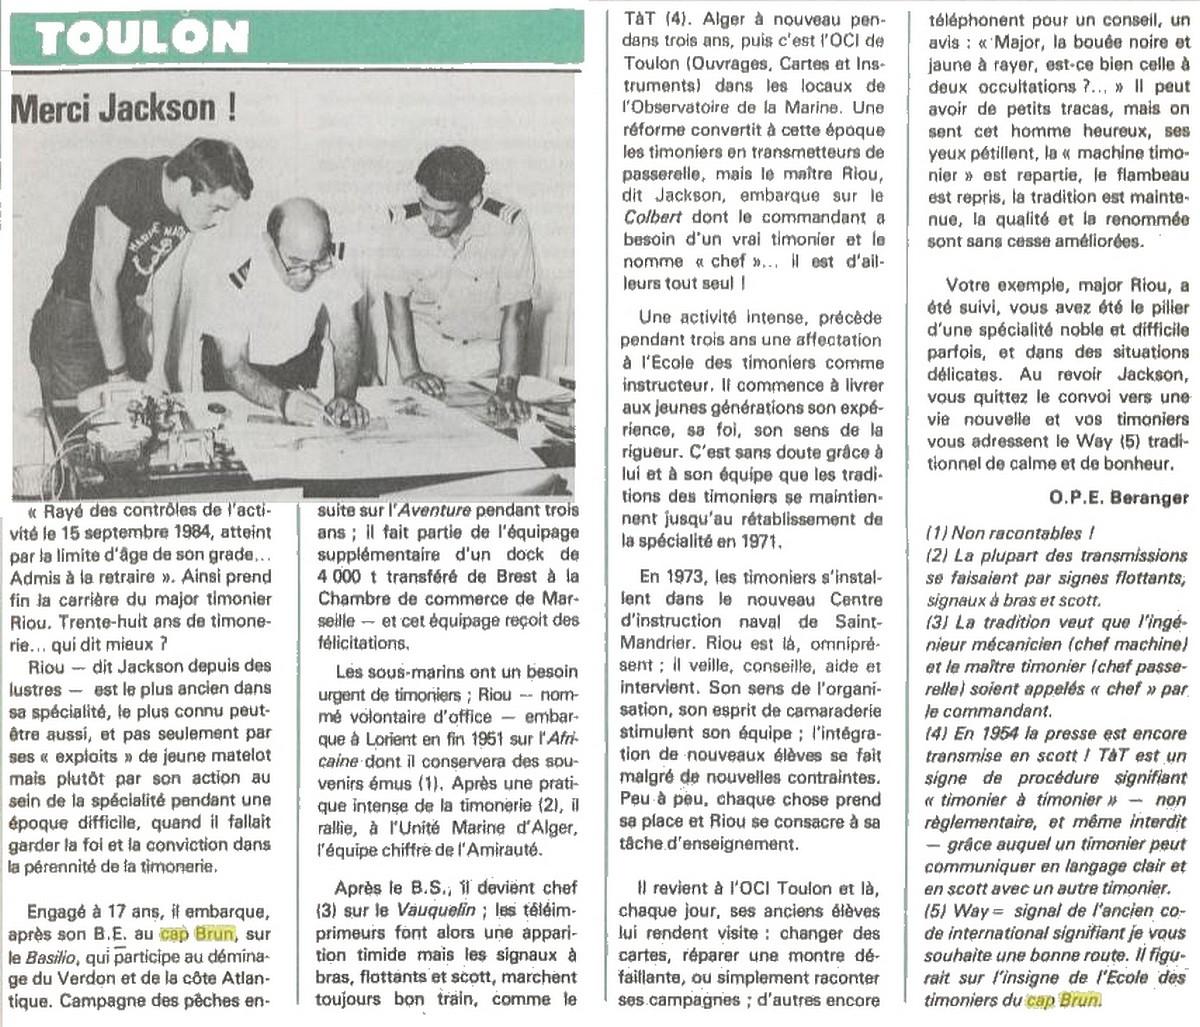 [Les écoles de spécialités] ÉCOLE DES TIMONIERS - TOME 2 - Page 14 Jackso10